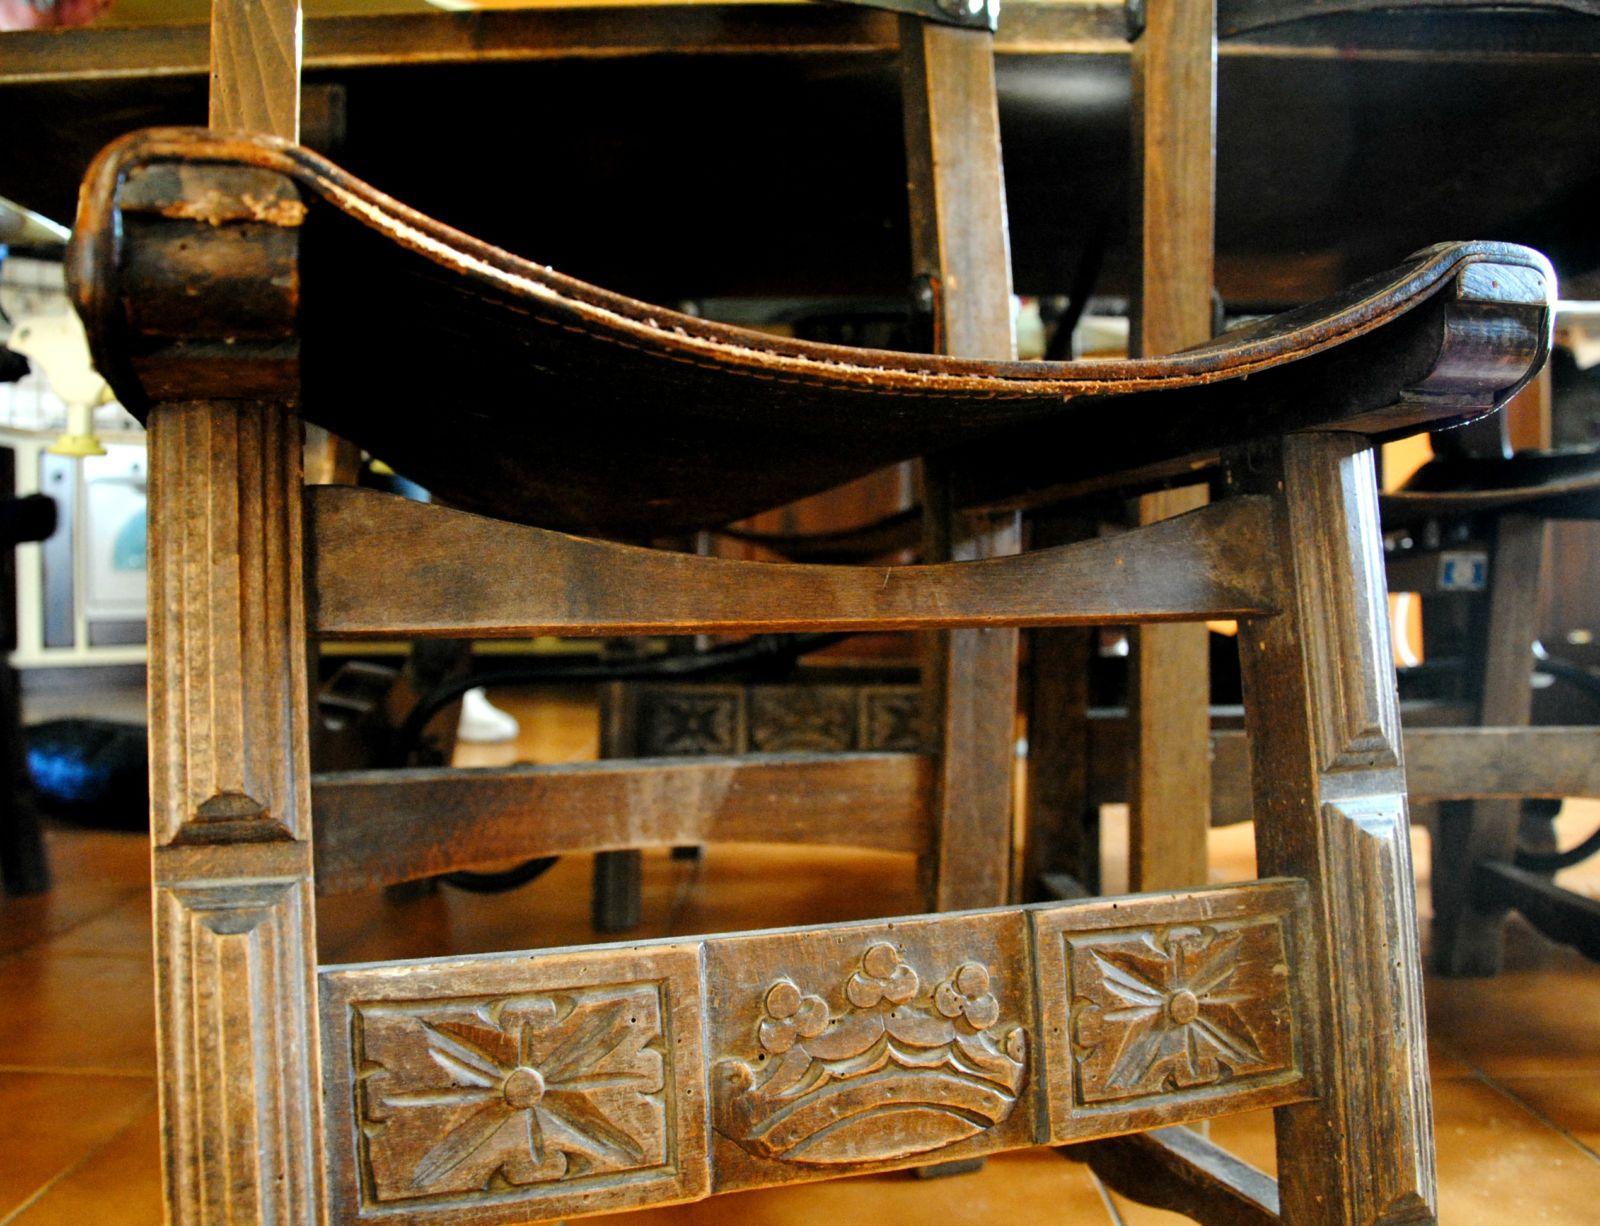 DSC 2028 Legno Oriente Antichità – Casa Rembrandt